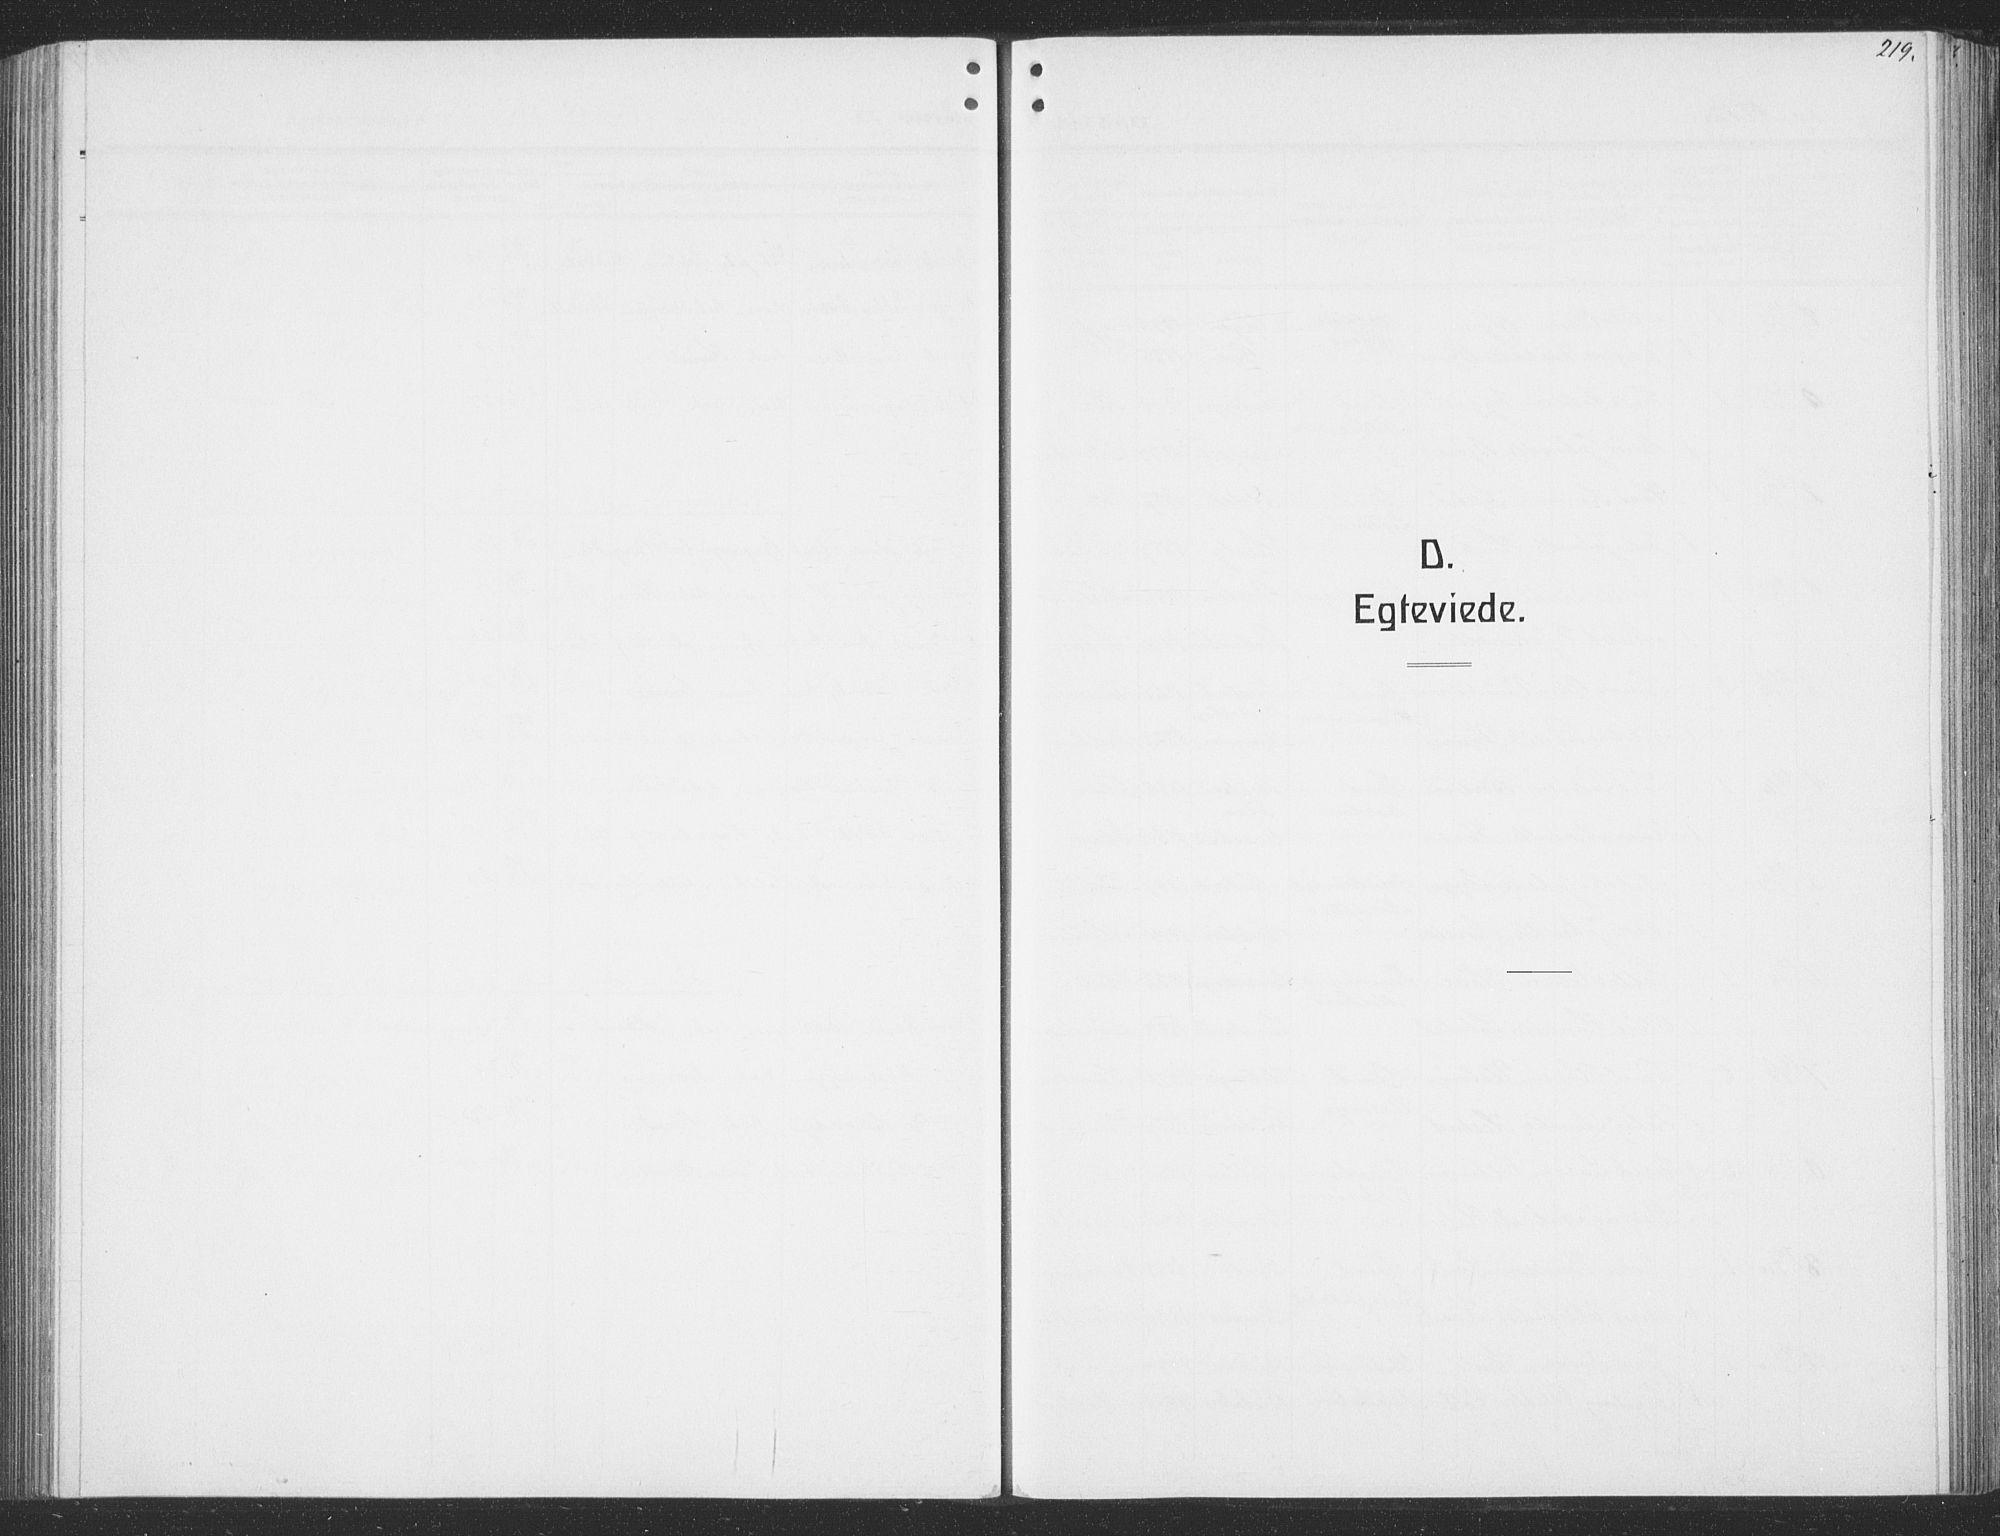 SAT, Ministerialprotokoller, klokkerbøker og fødselsregistre - Sør-Trøndelag, 691/L1095: Klokkerbok nr. 691C06, 1912-1933, s. 219